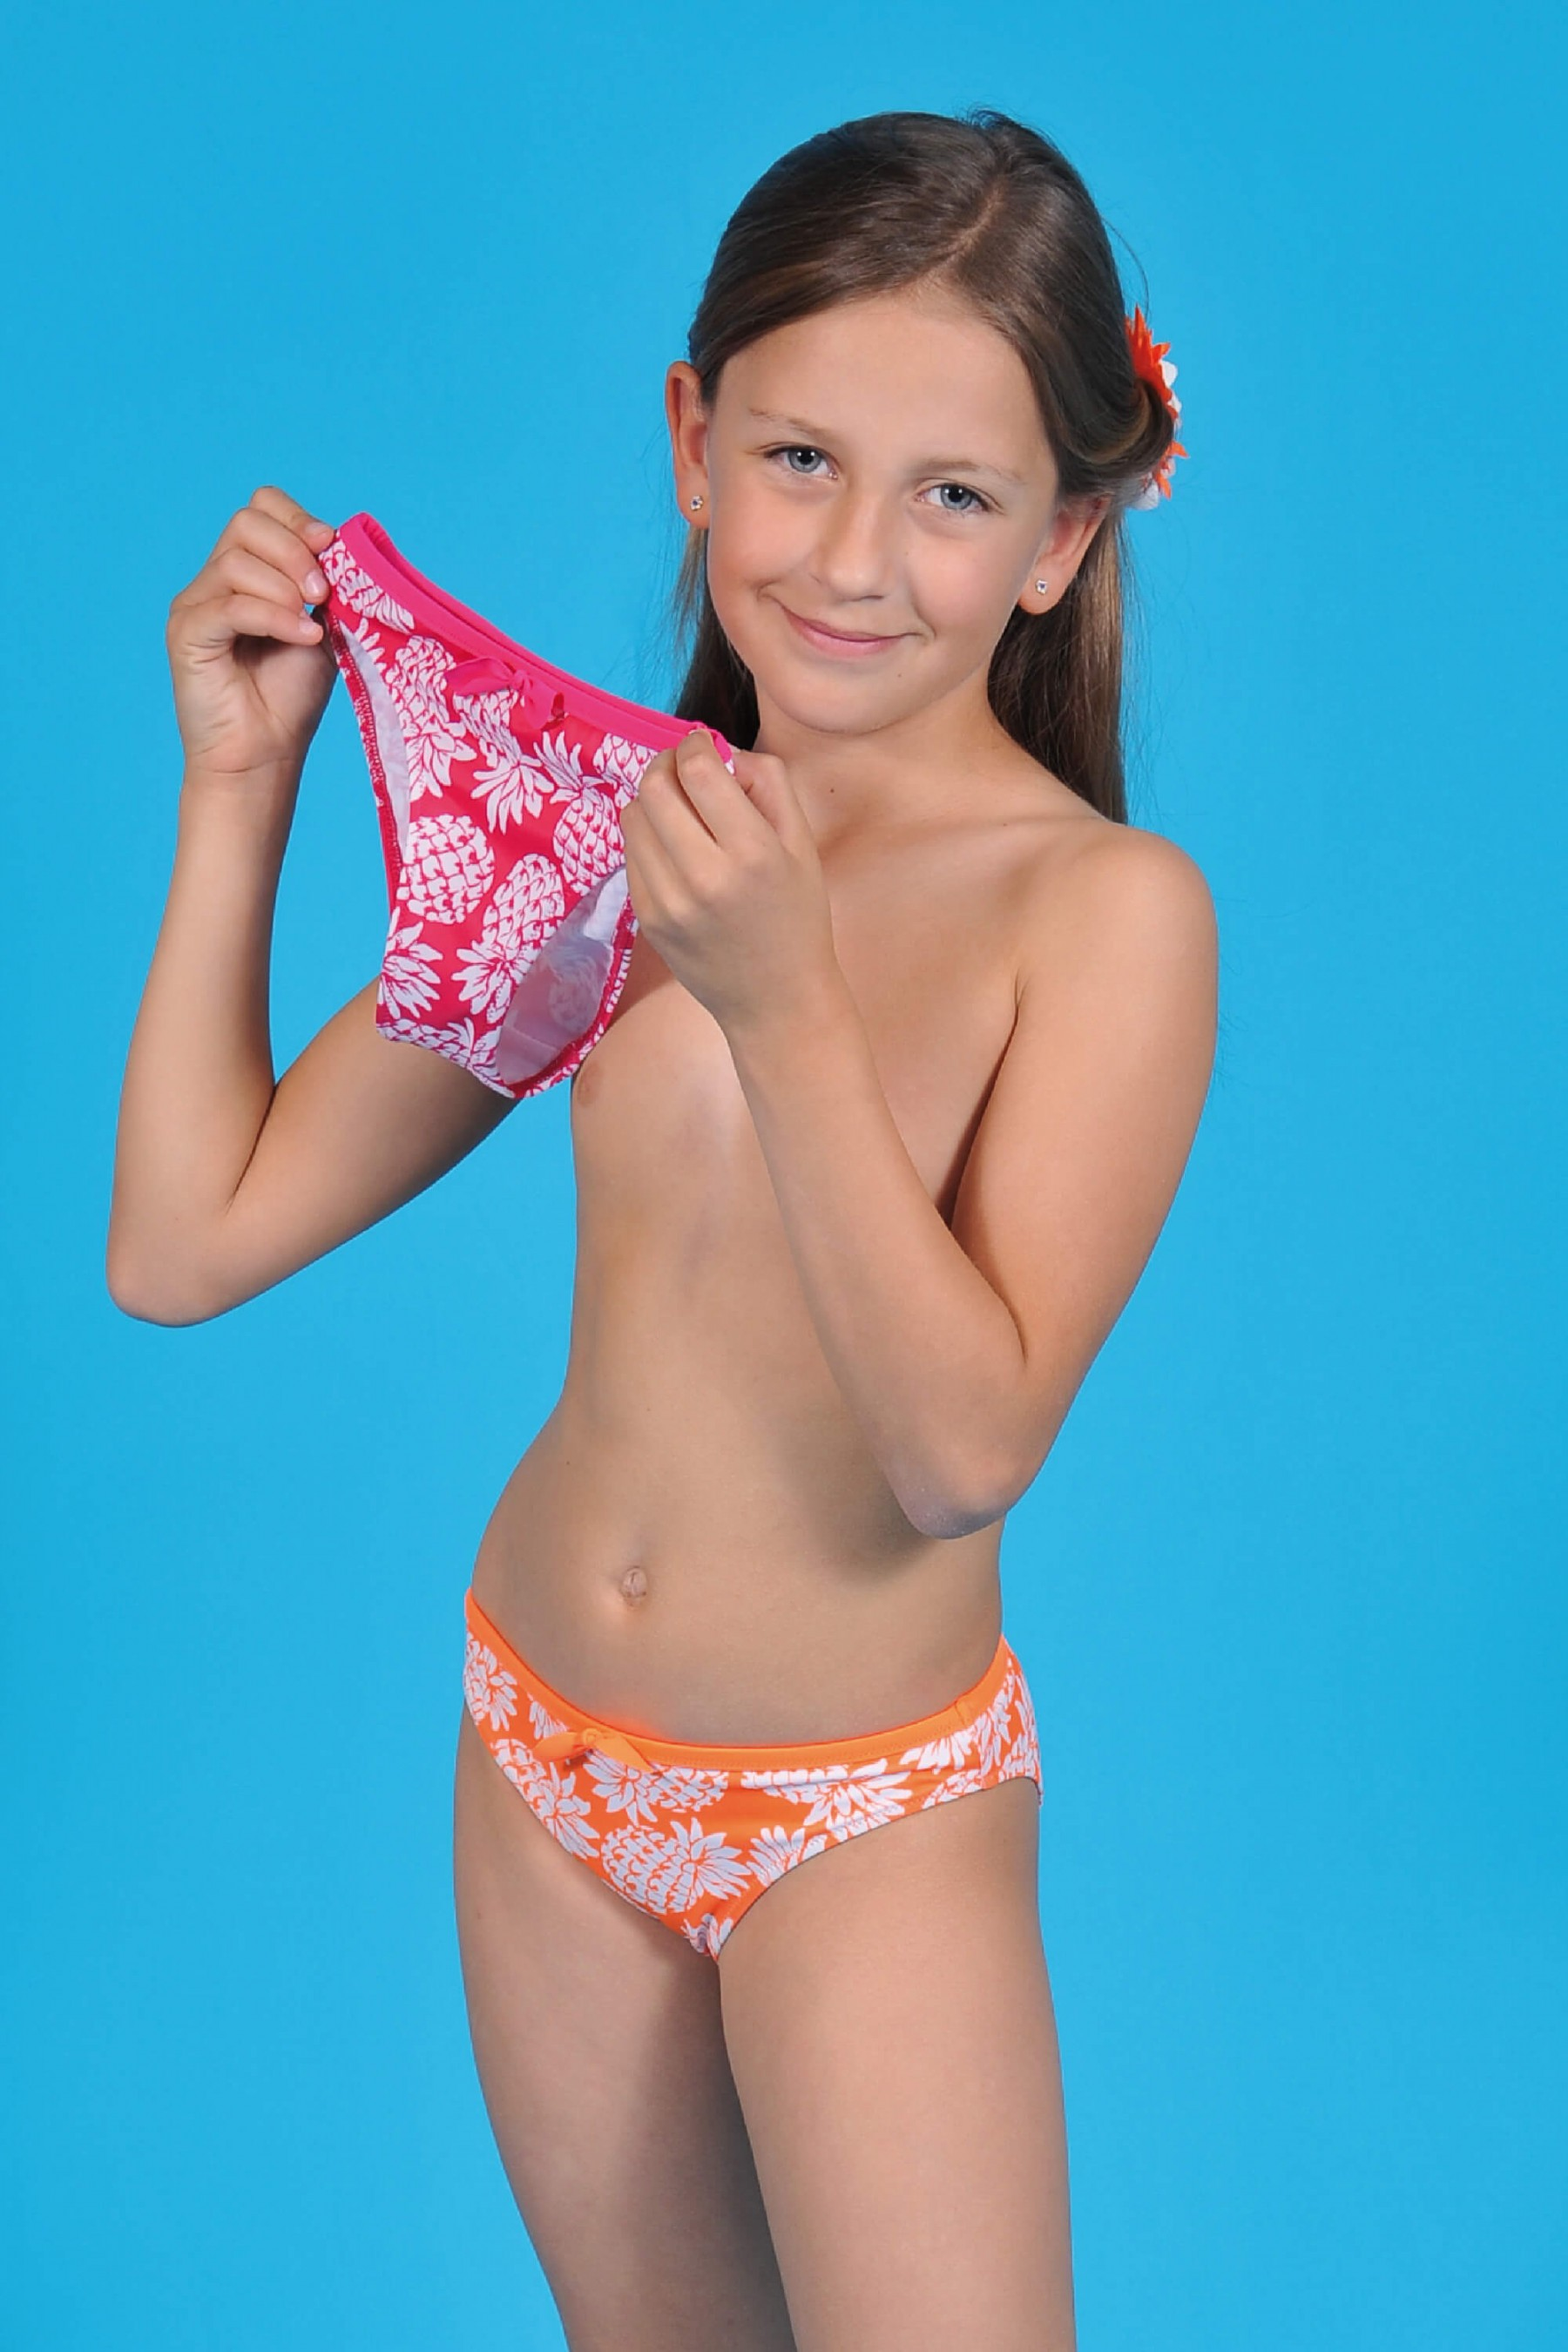 Mädchen zeigen Höschen Bilder